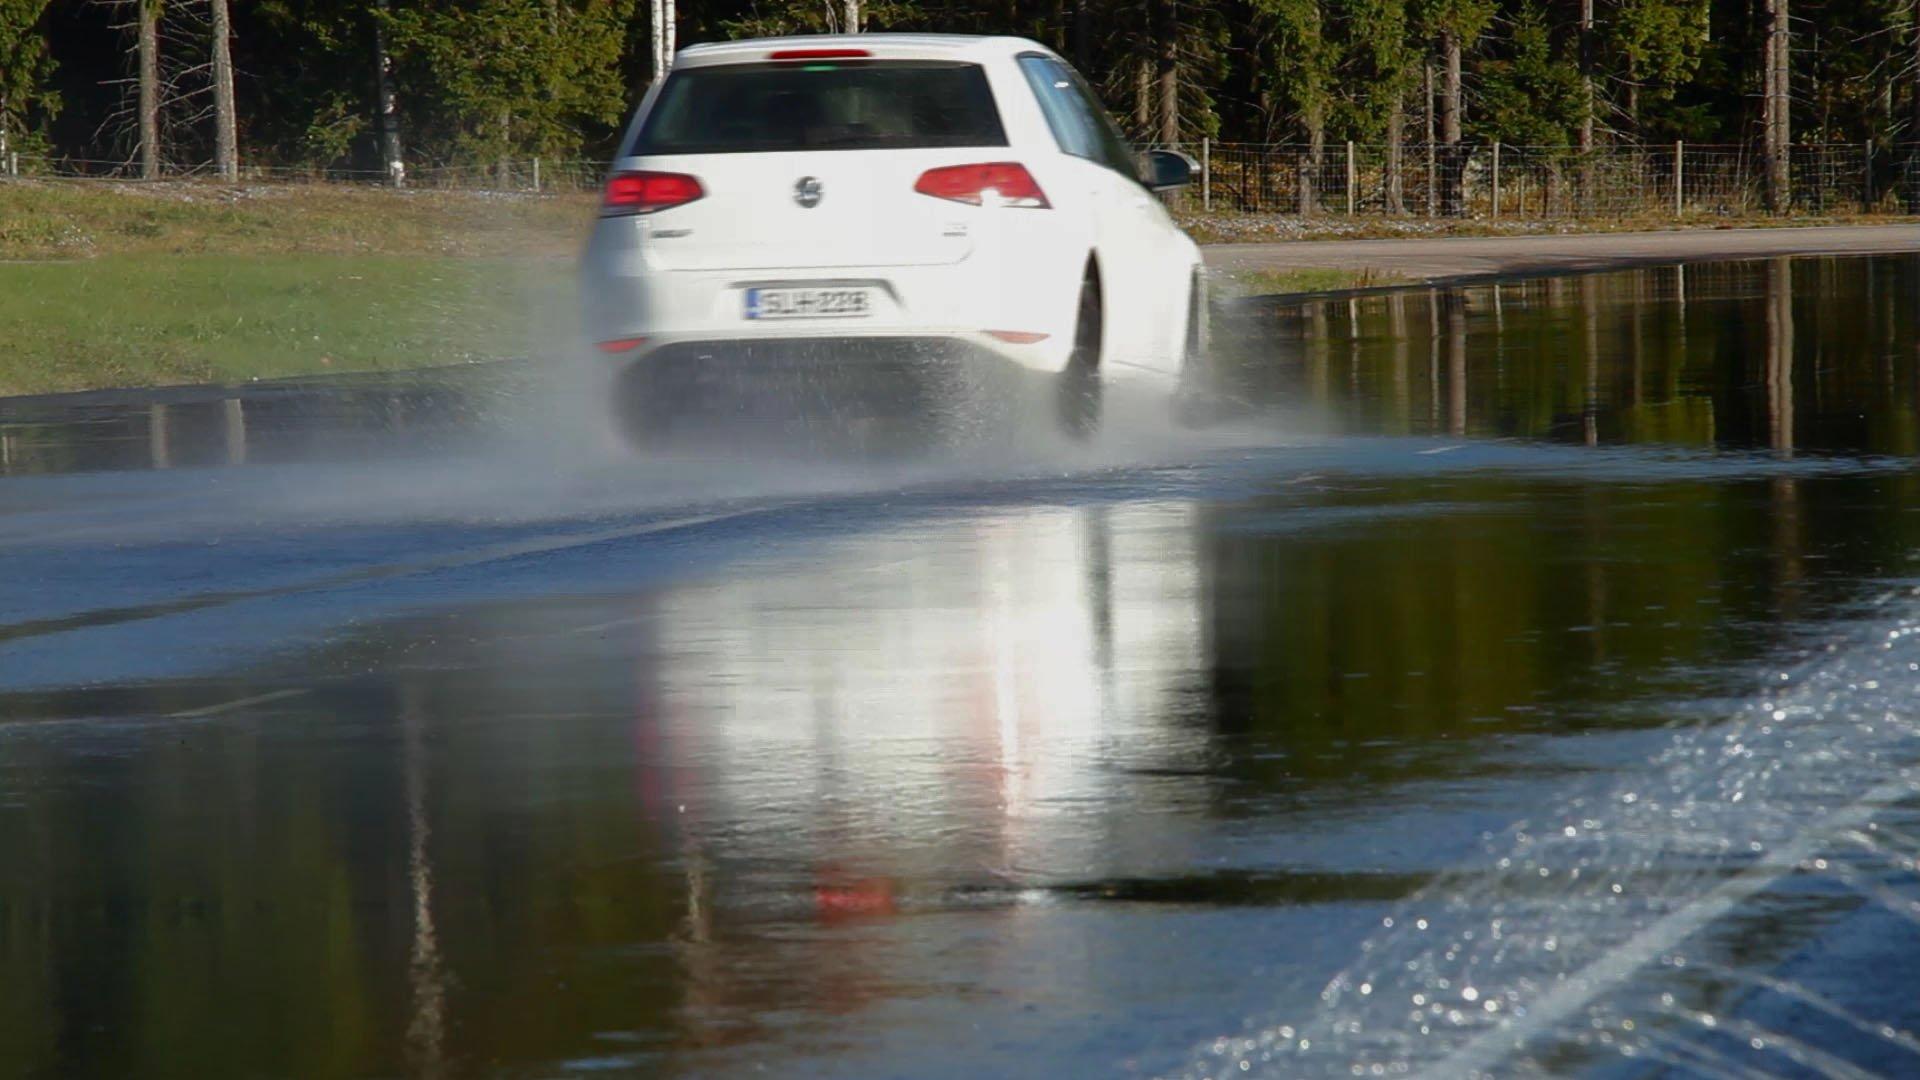 Разлившаяся холодная вода в Выборгском районе Петербурга затруднила движение автотранспорта